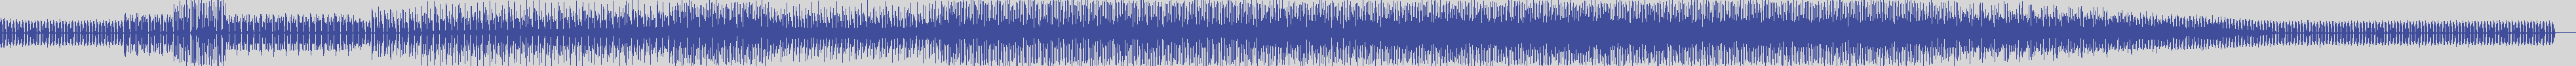 just_digital_records [JS1065] Dj Alex Del Lago - Don't Step Come On [Original Mix] audio wave form